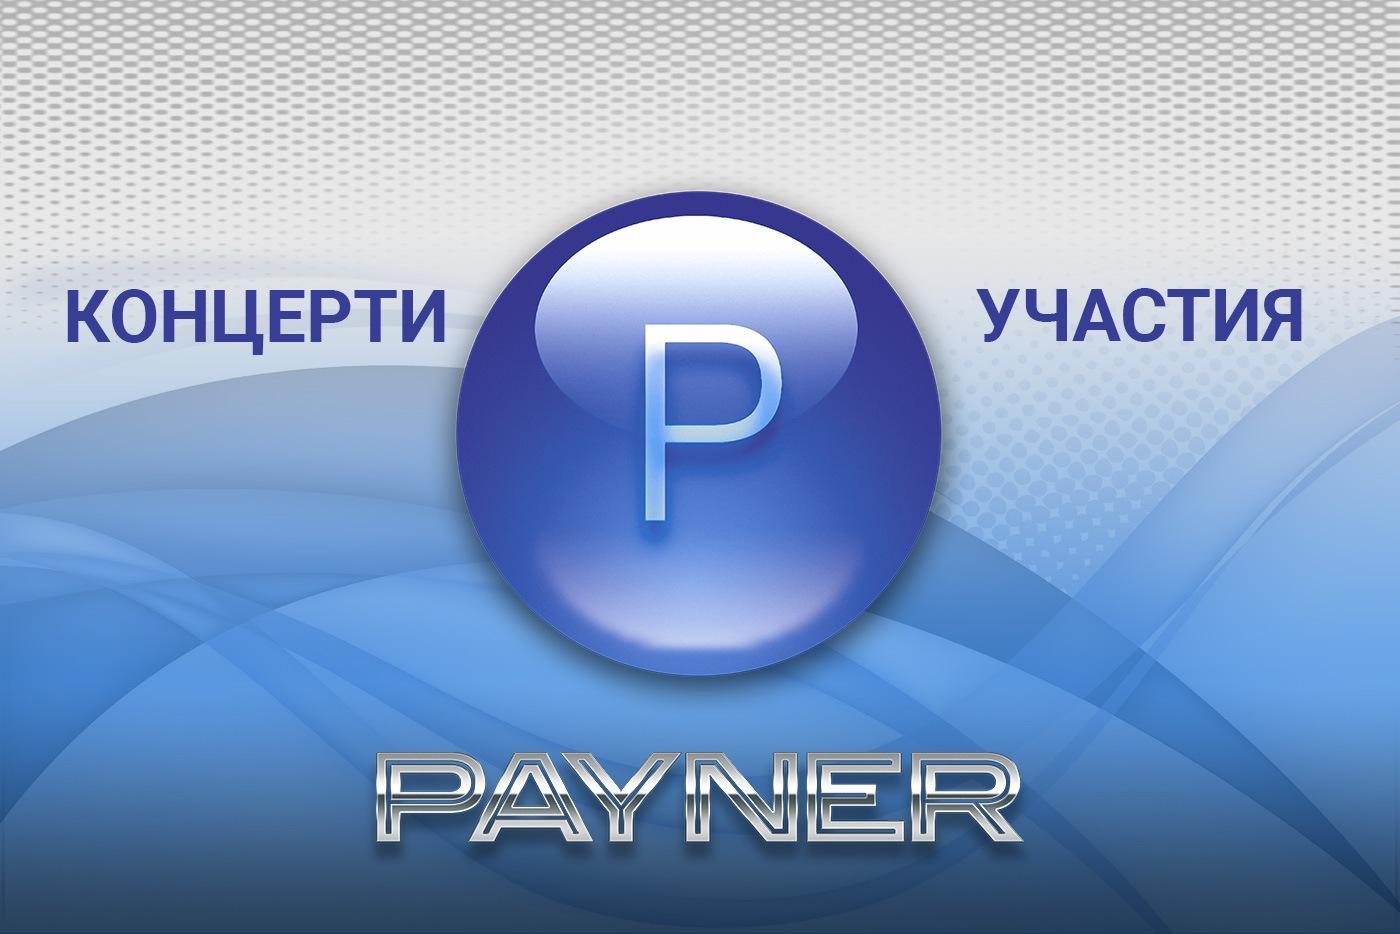 """Участия на звездите на """"Пайнер"""" на 13.07.2020"""